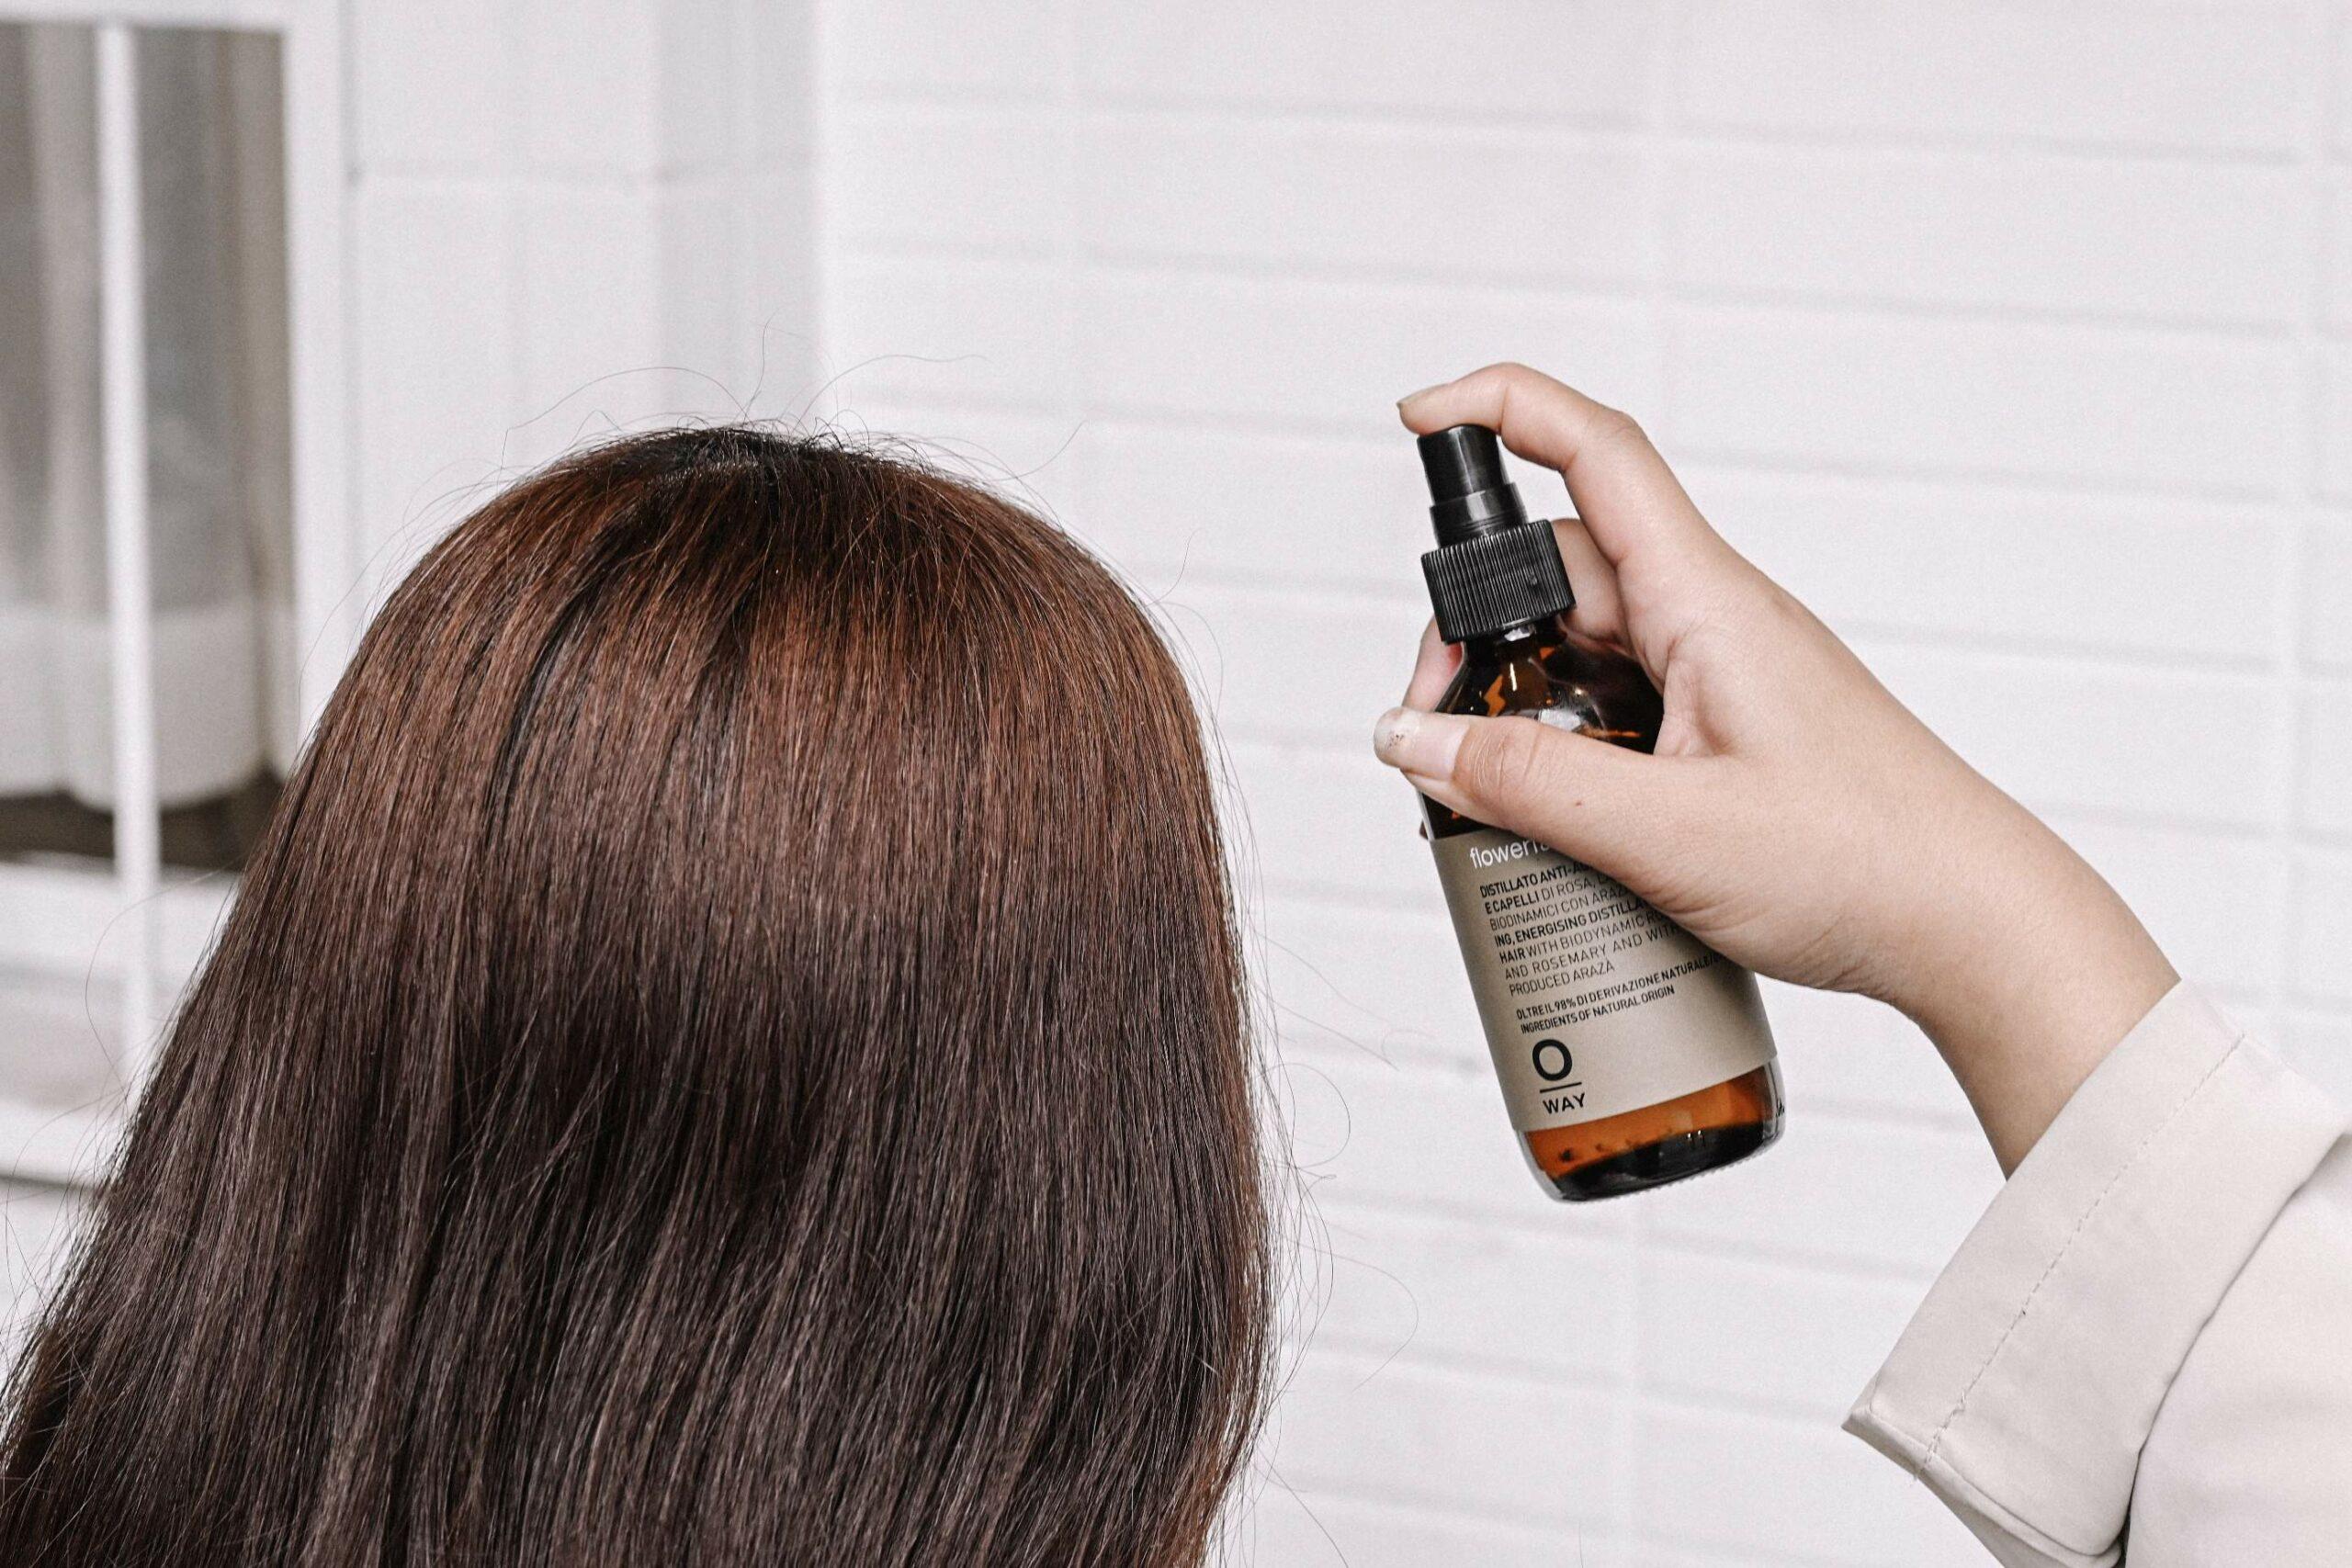 髮品界的藍寶堅尼OWay生物動力玫瑰花露,讓頭髮柔順有光澤,享受每一刻質感生活。 @女子的休假計劃